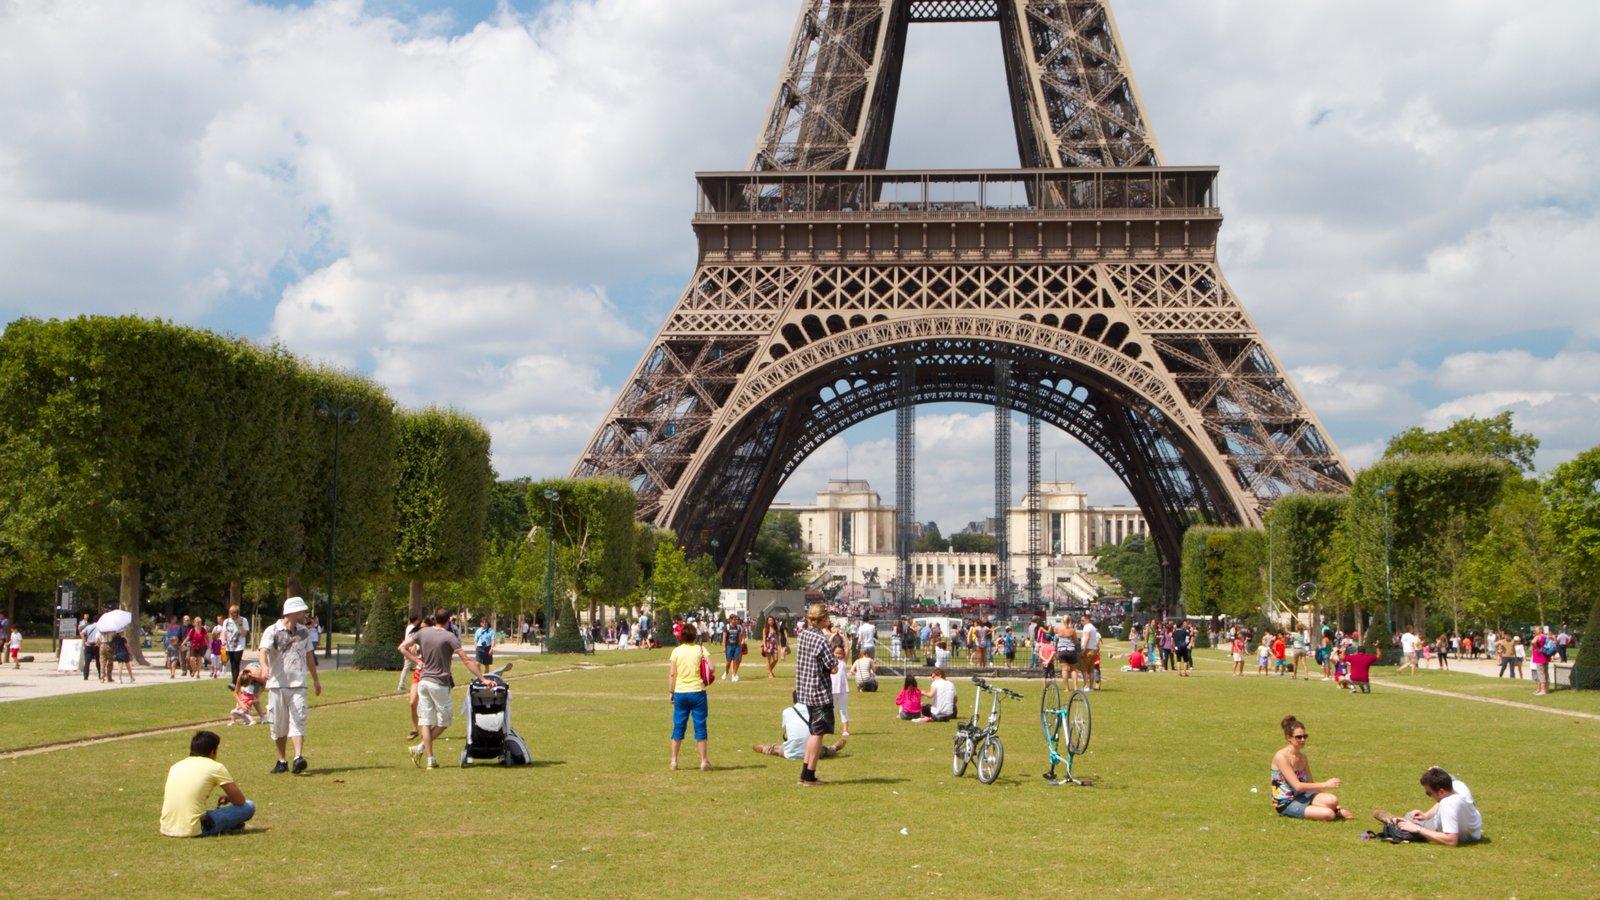 Torre Eiffel caracterizando uma cidade e um parque assim como um grande grupo de pessoas